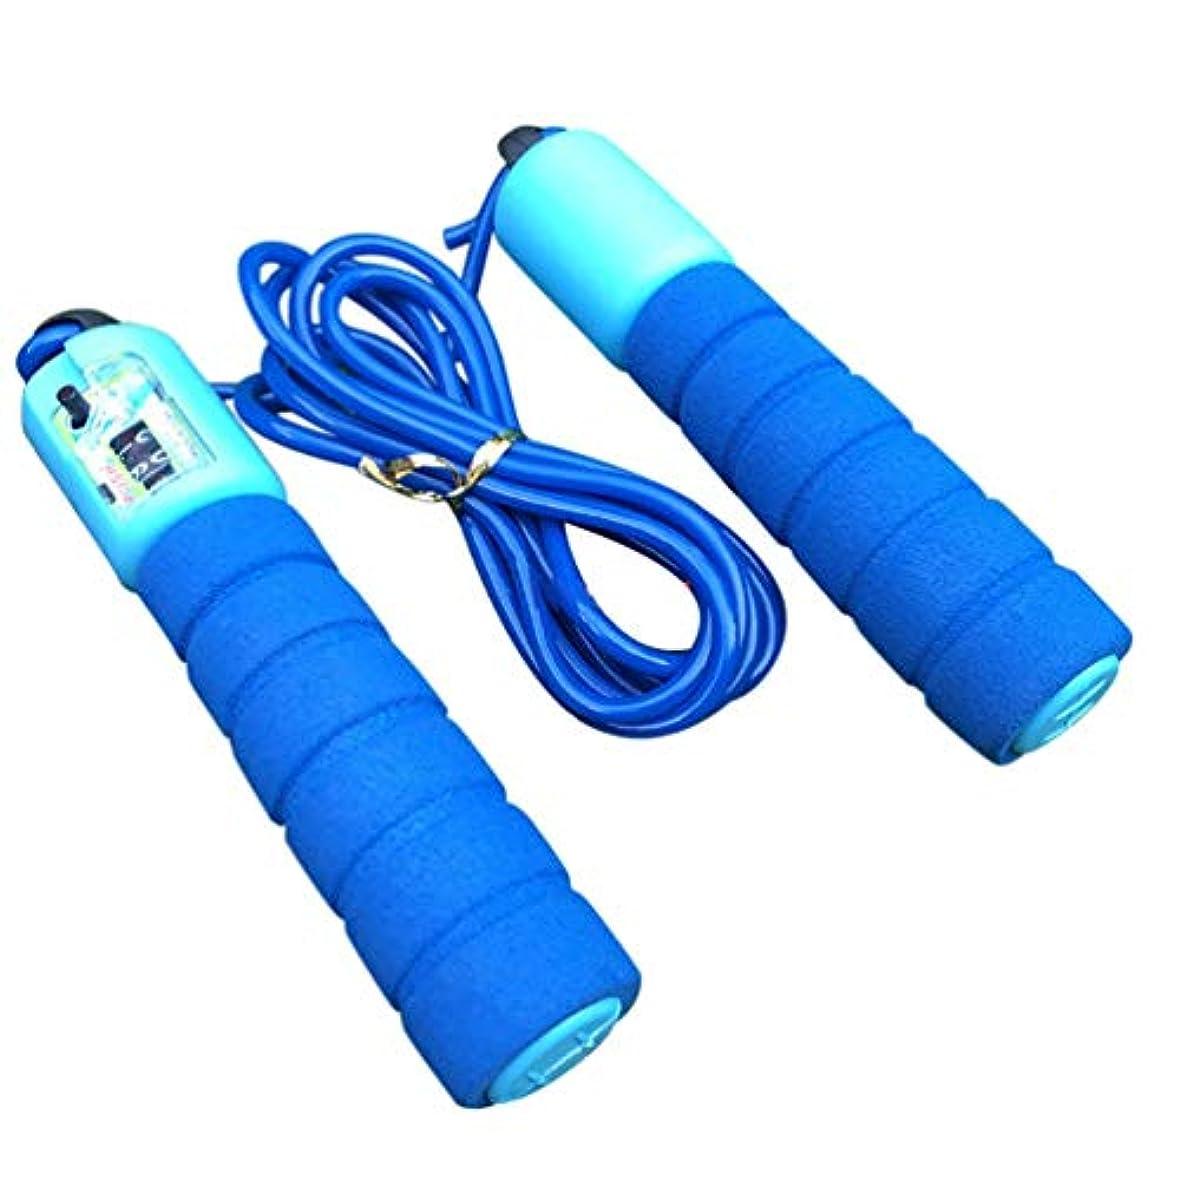 盲目振り向く苦難調整可能なプロフェッショナルカウント縄跳び自動カウントジャンプロープフィットネス運動高速カウントジャンプロープ - 青